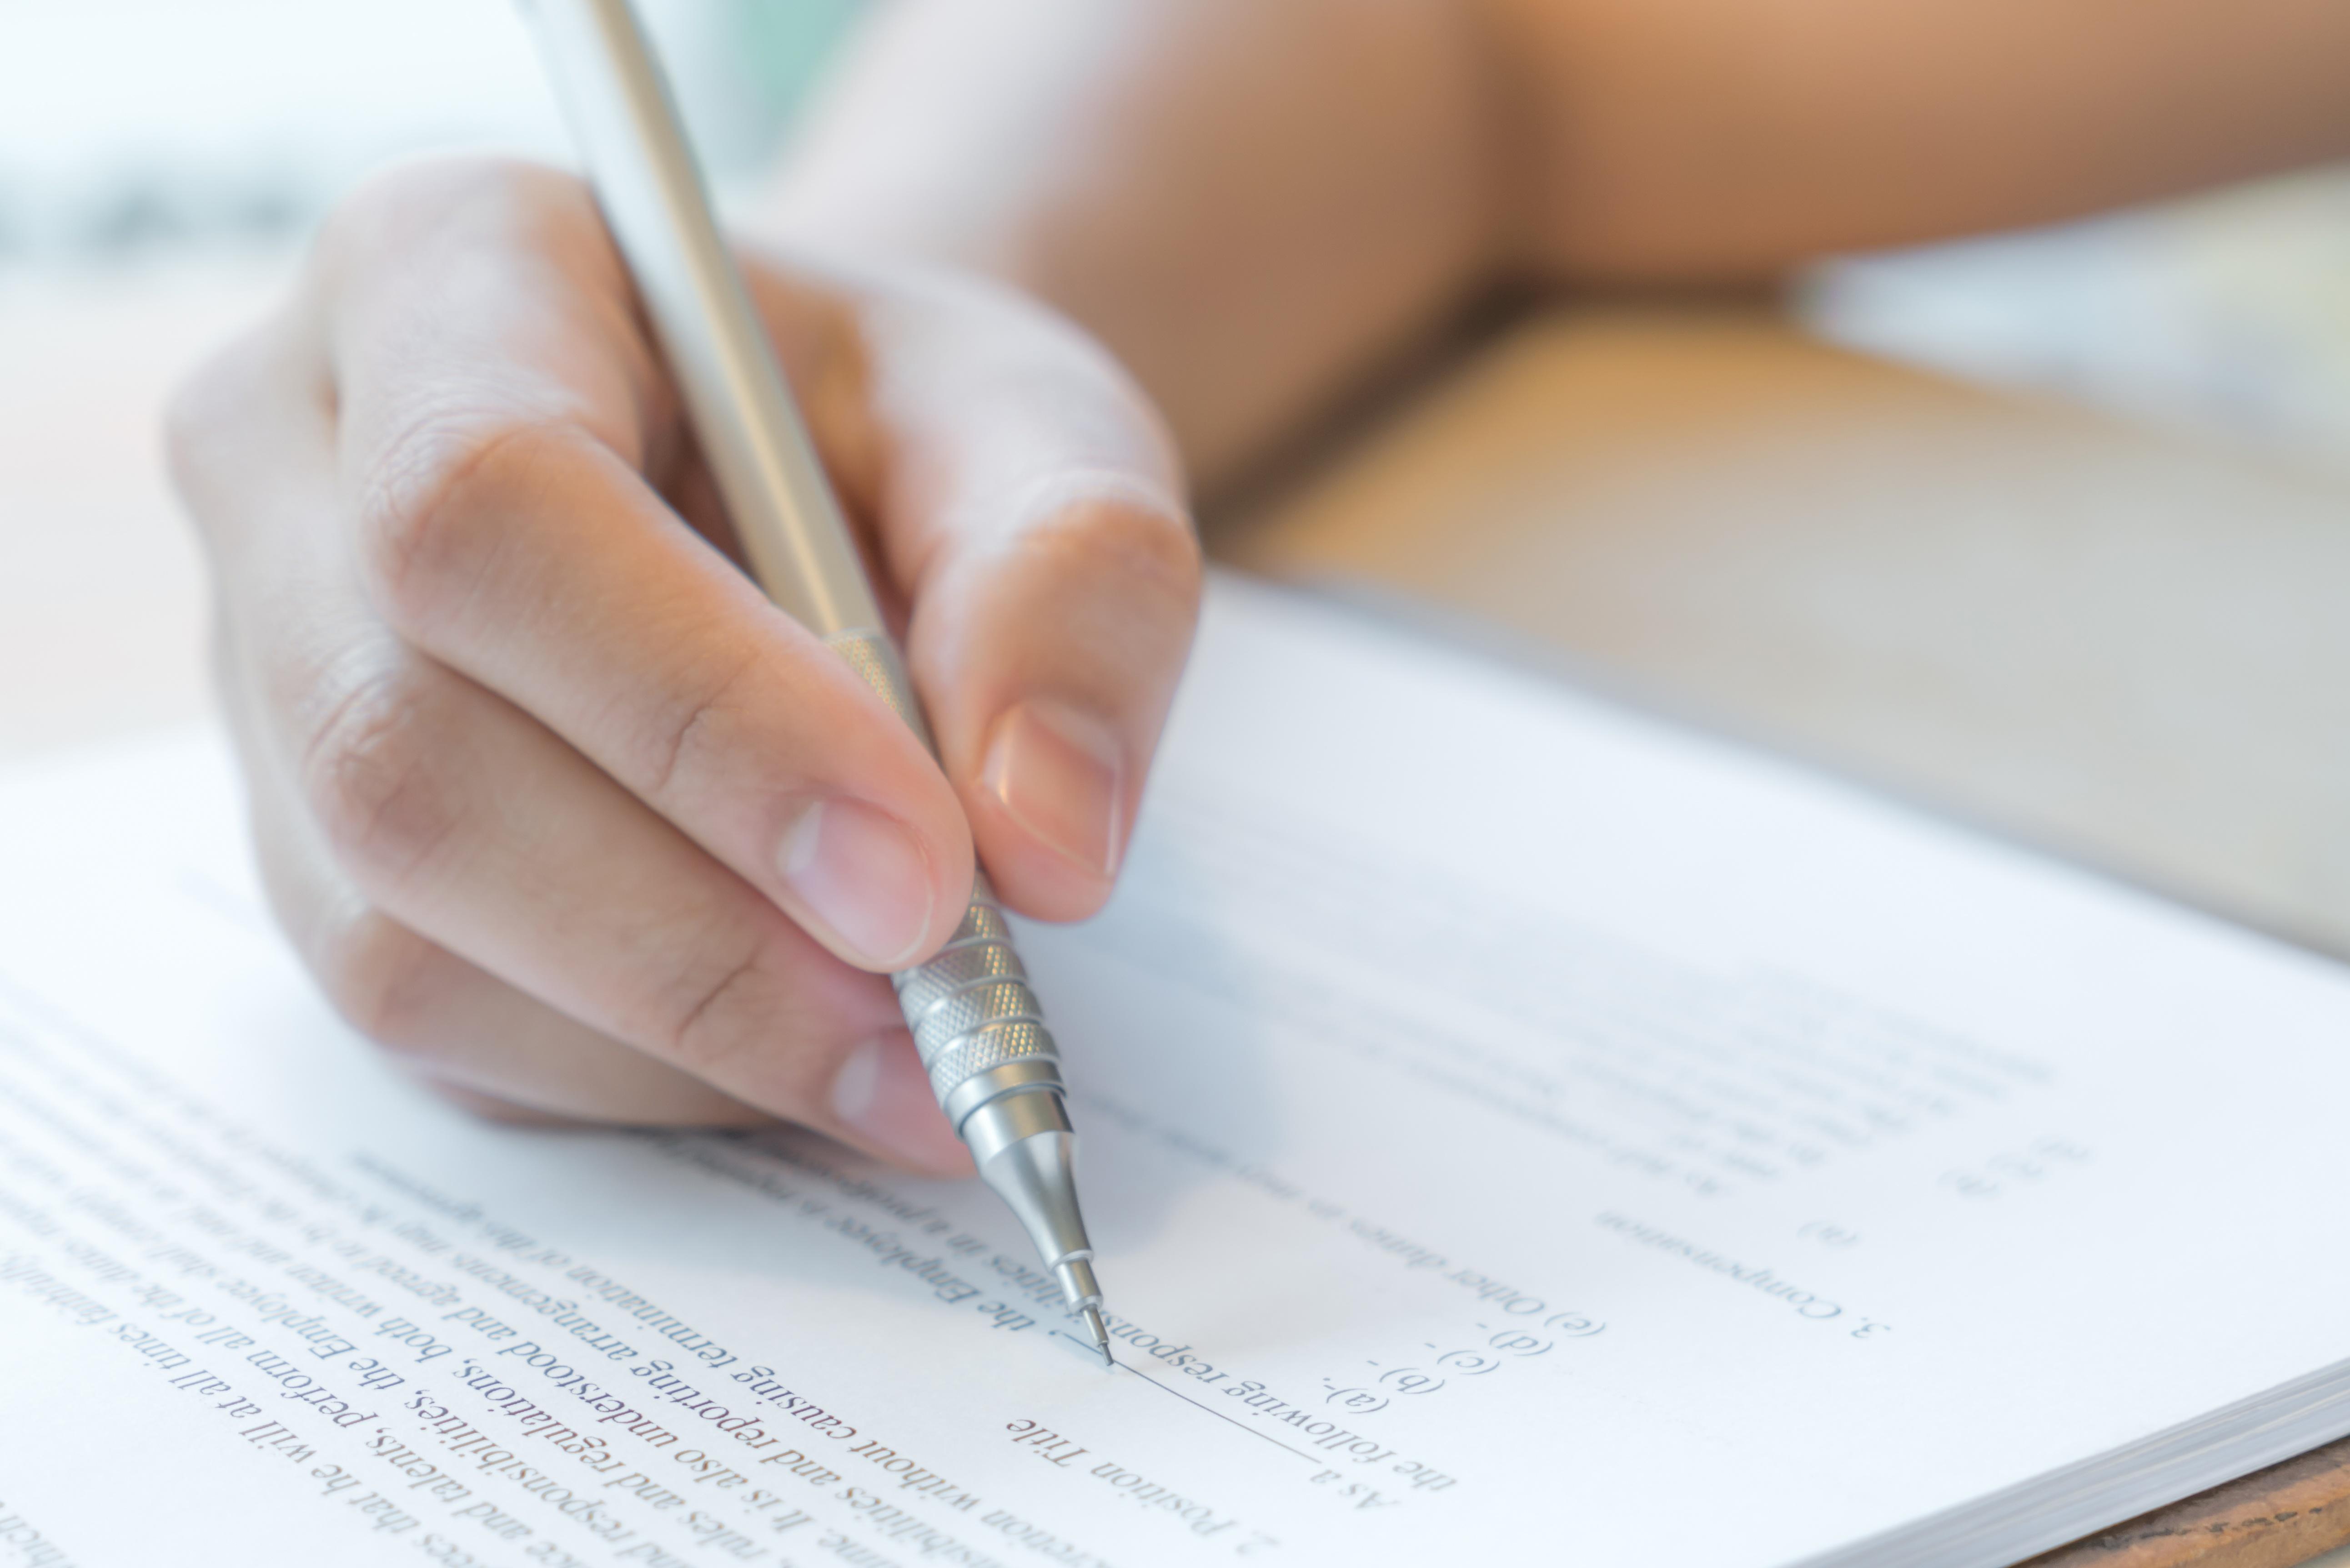 escrevendo em uma prova